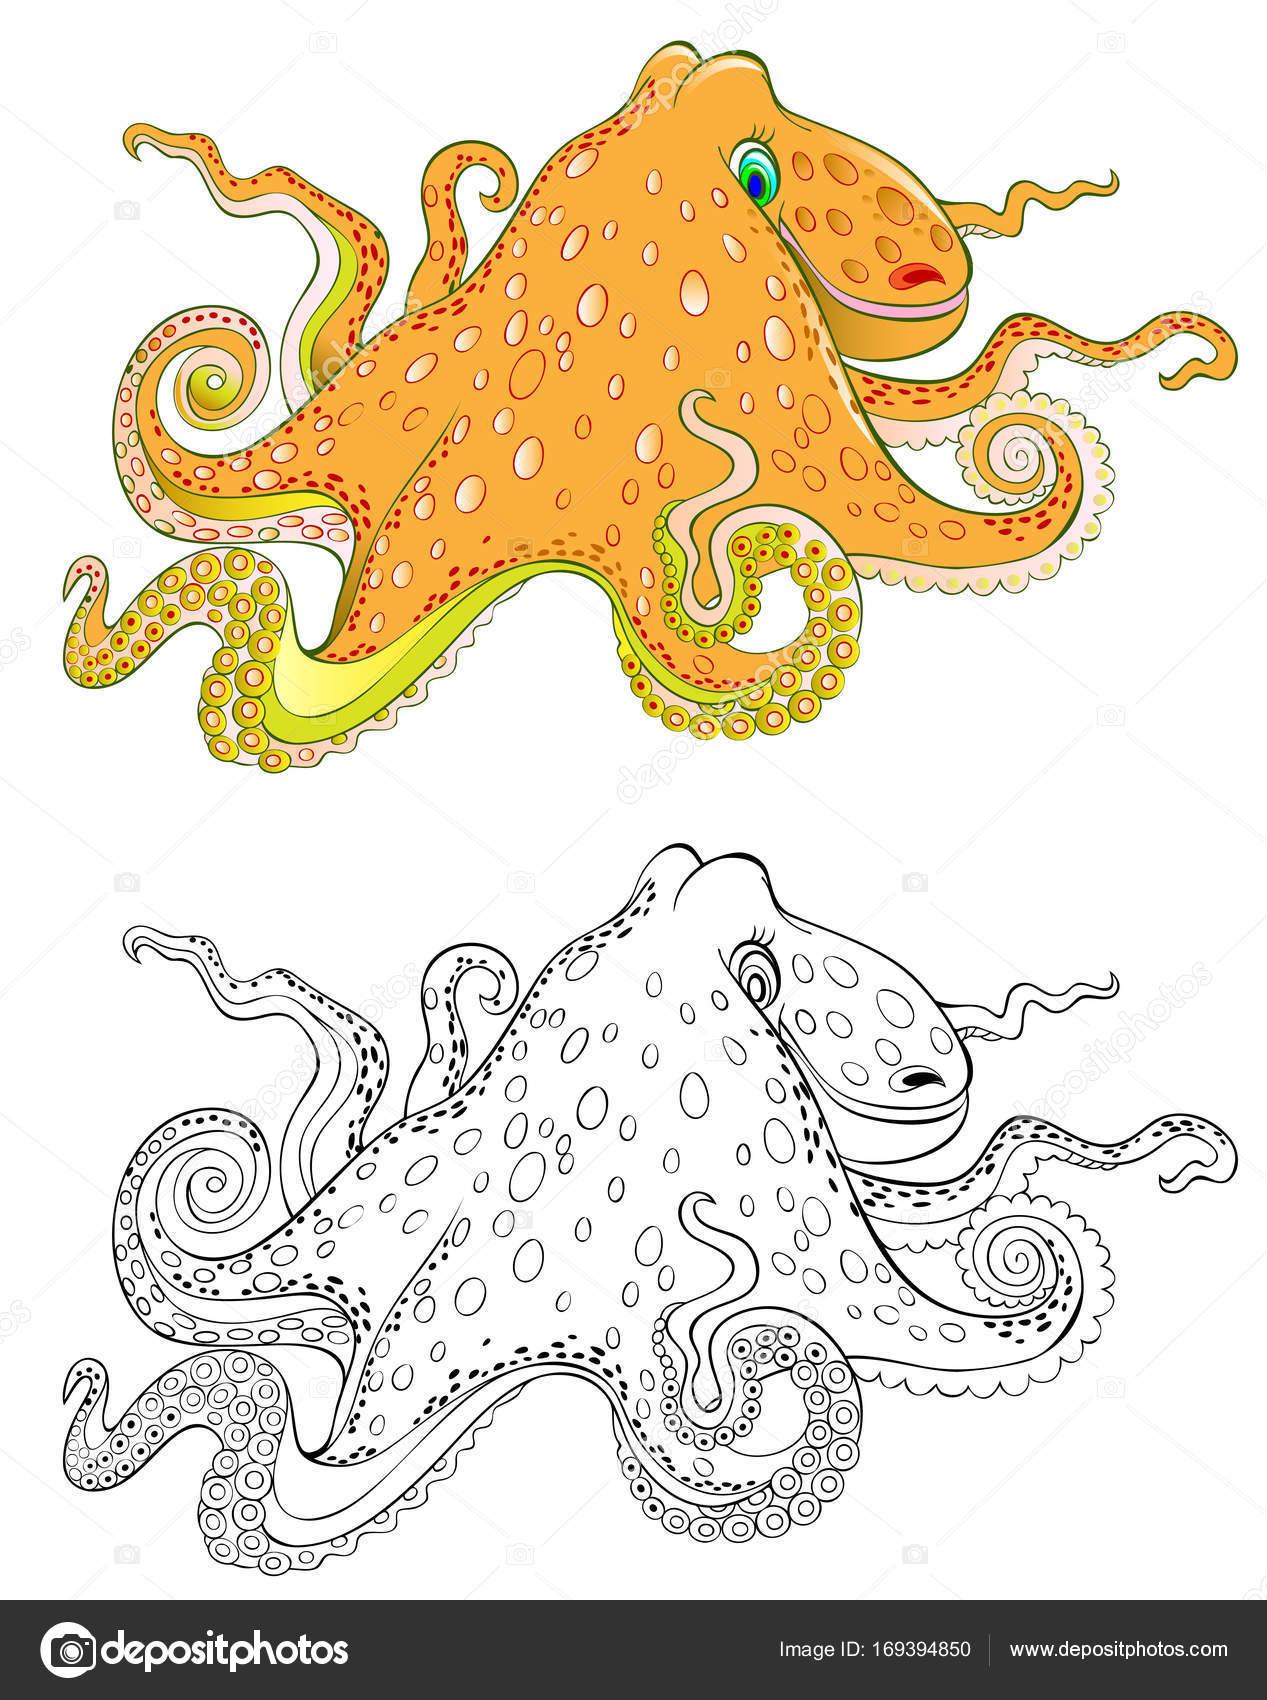 Bunt und schwarz-weiß-Muster von Octopus. Arbeitsblatt für Kinder ...